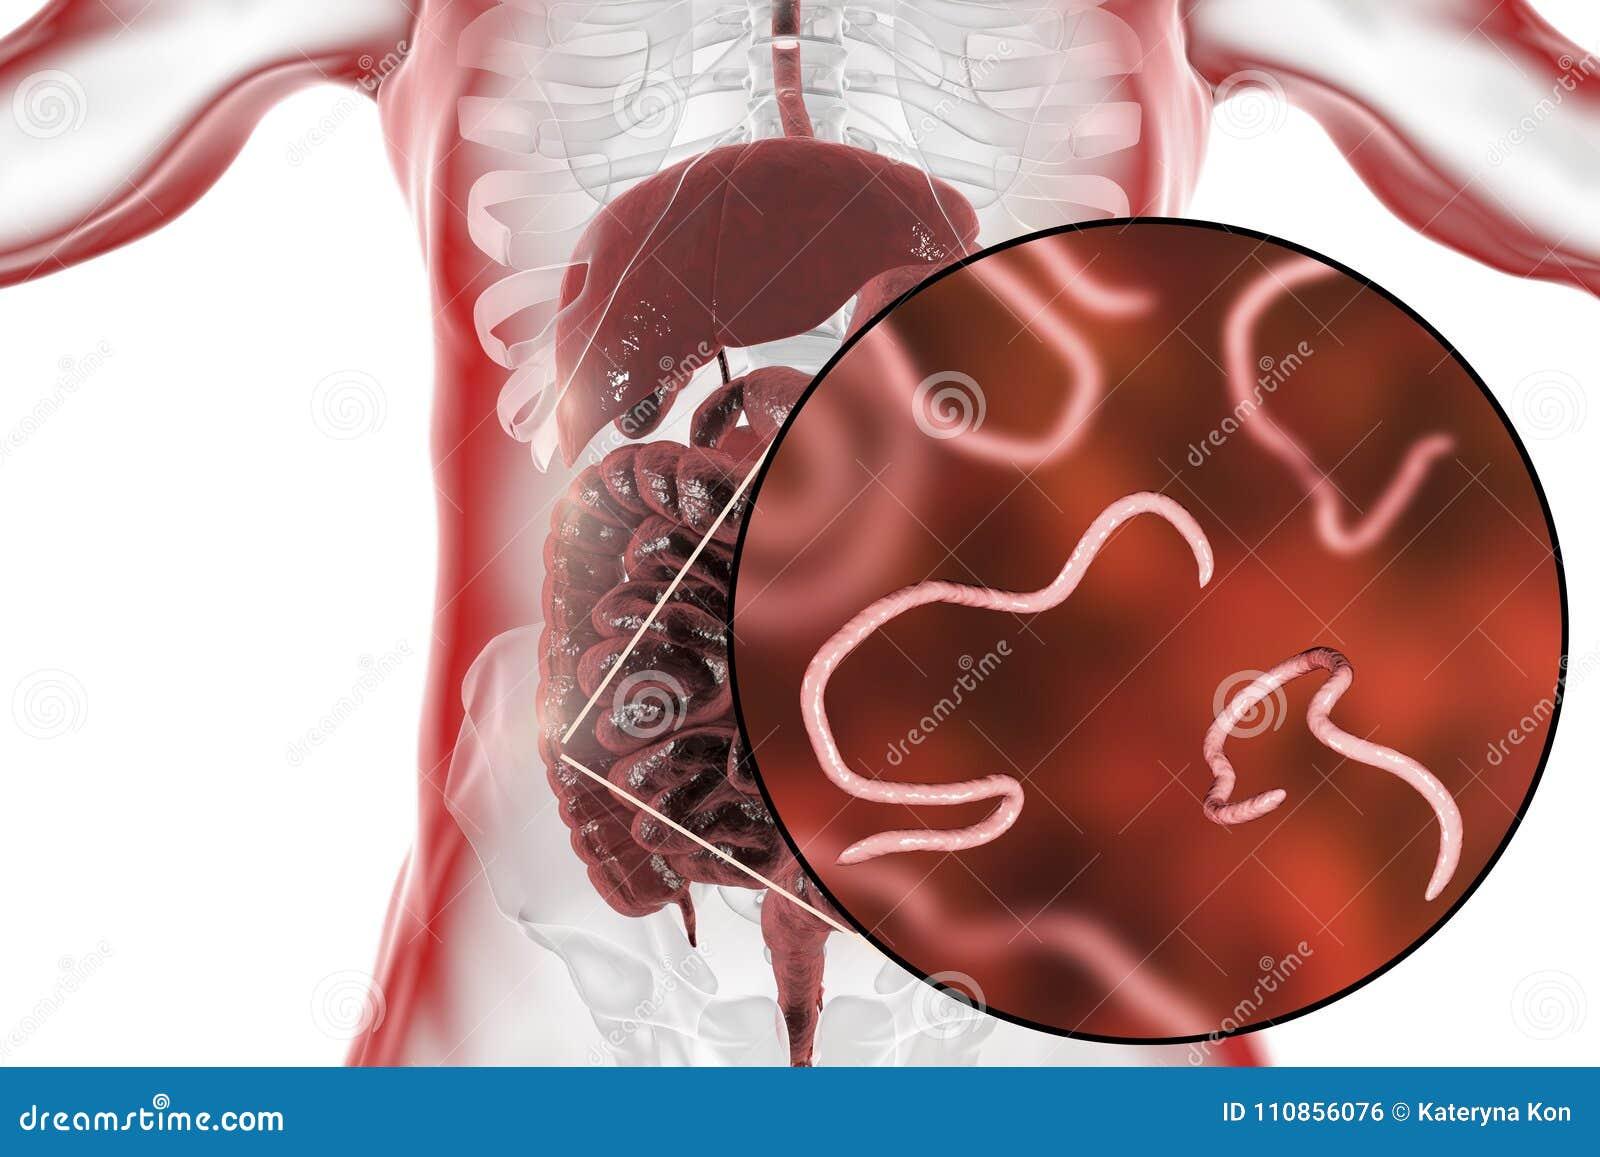 que son helmintos intestinales